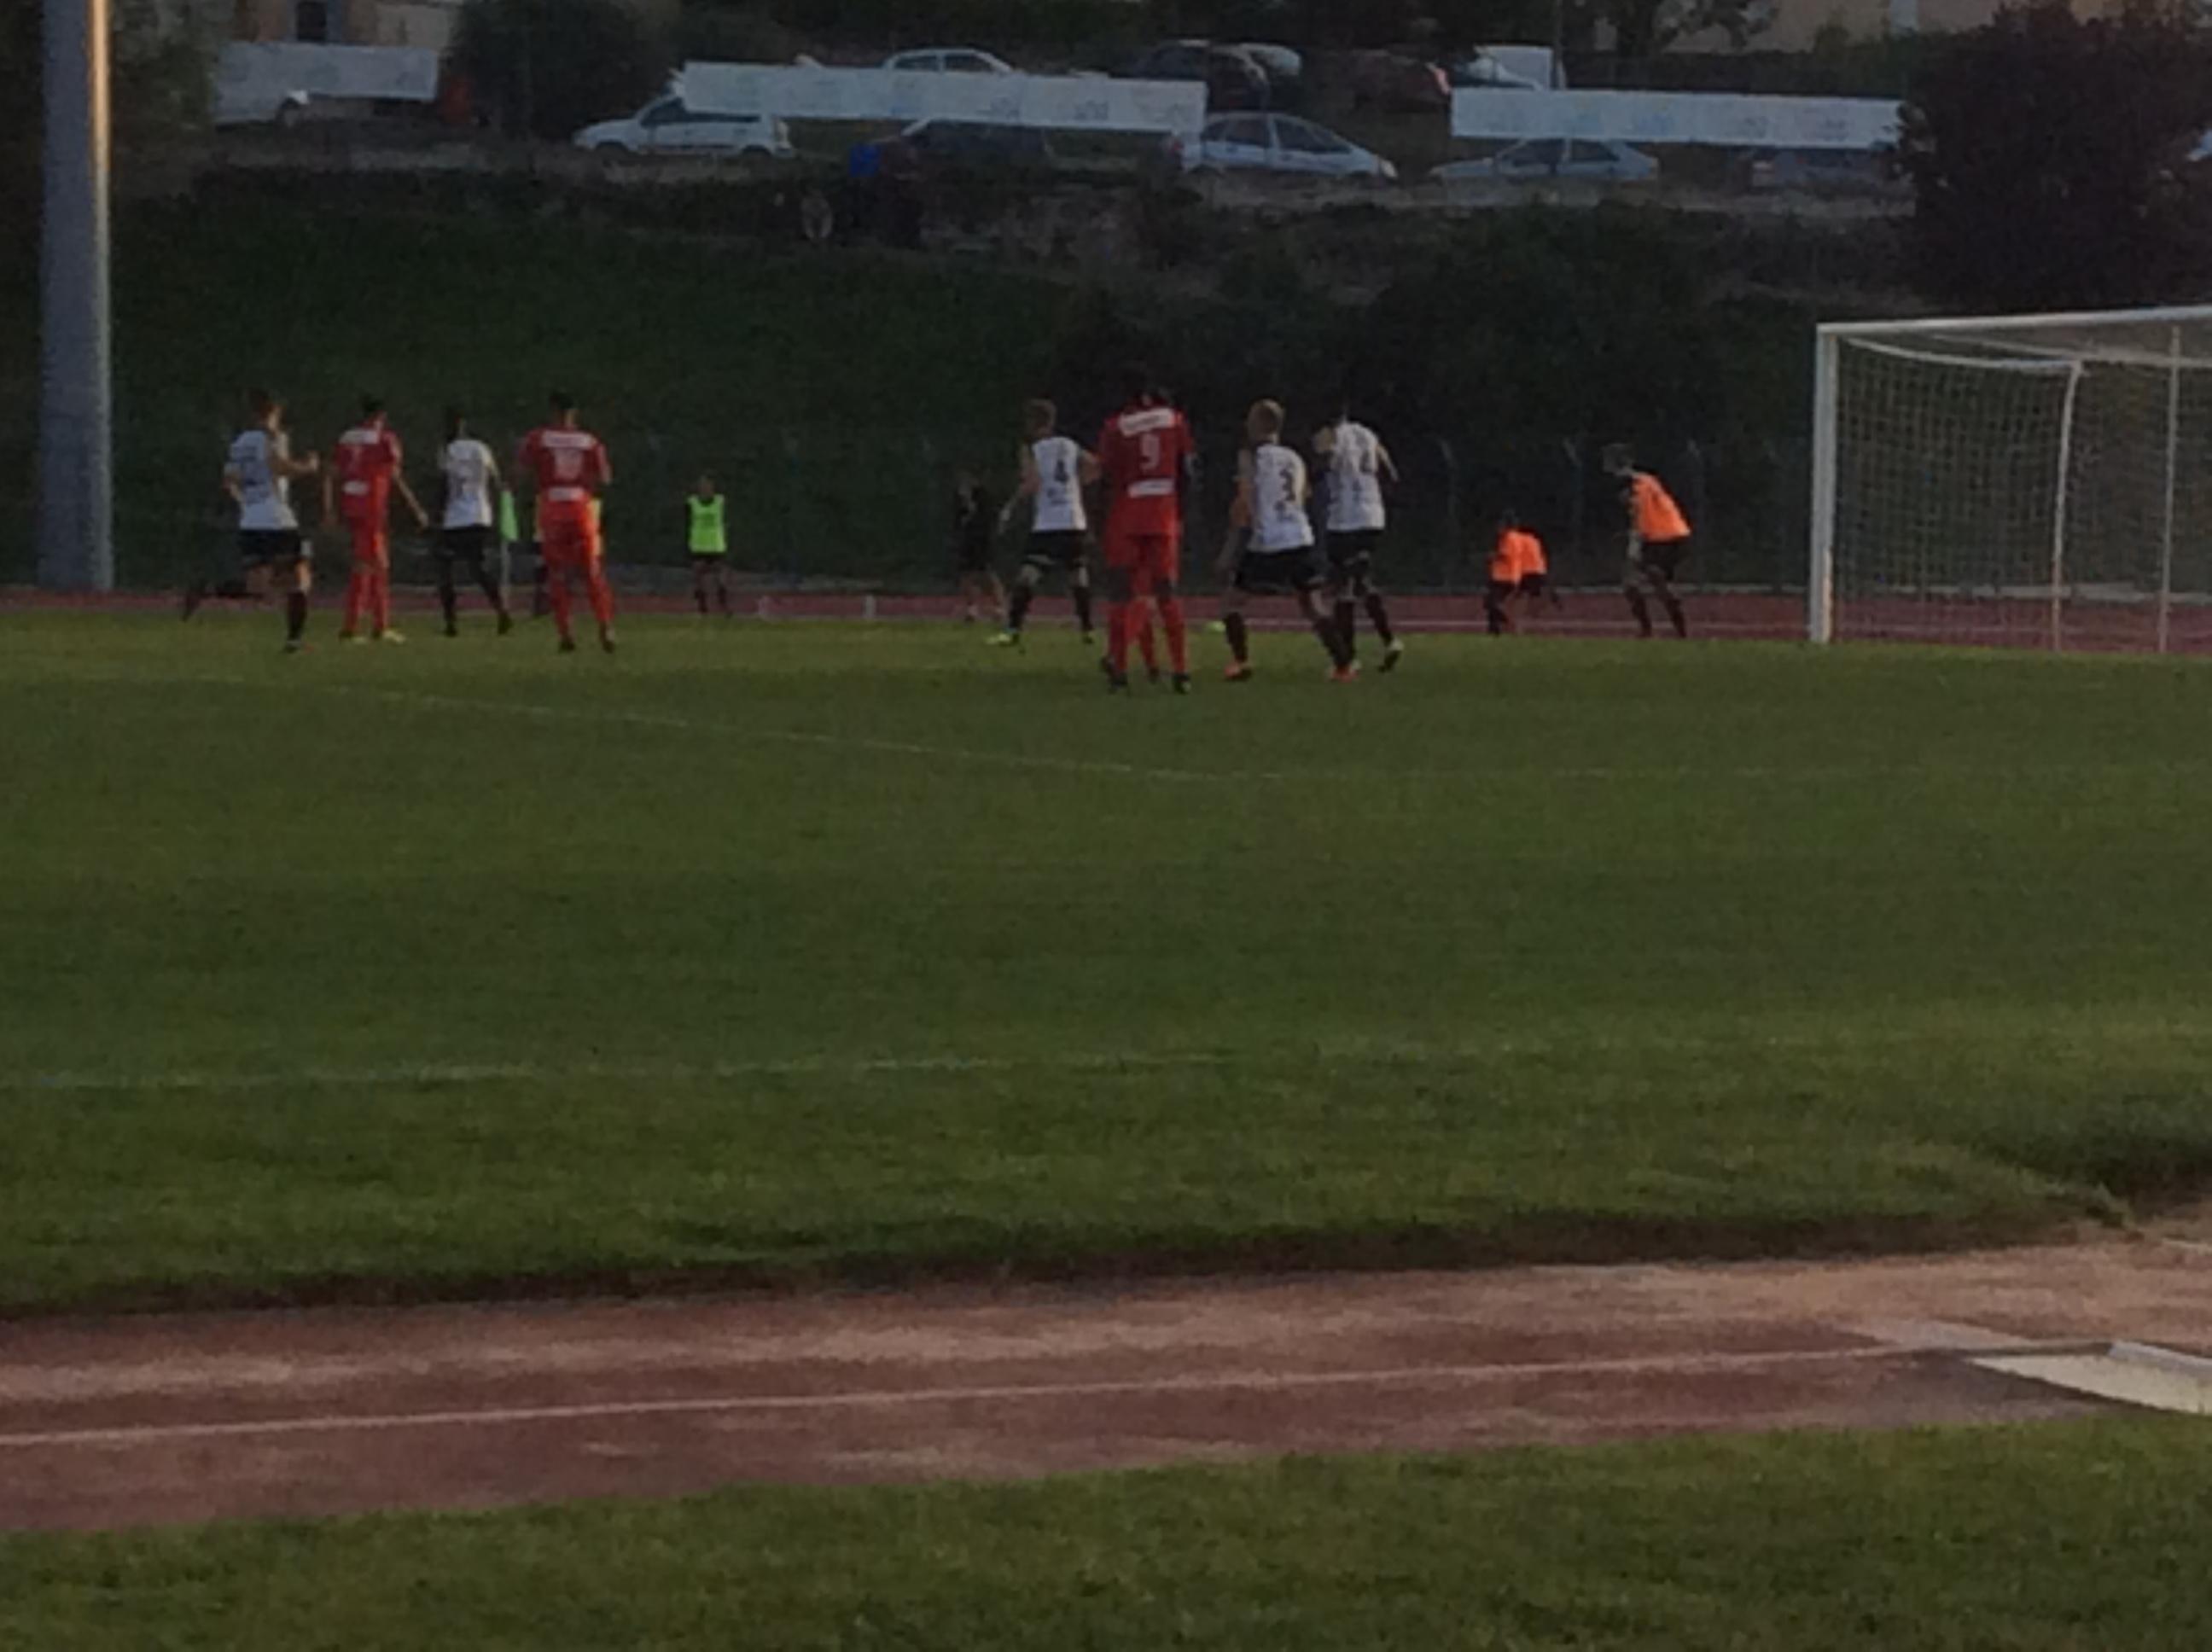 nationale 2 foot le puy foot 43 2-2 fc Sète réac après match 160918